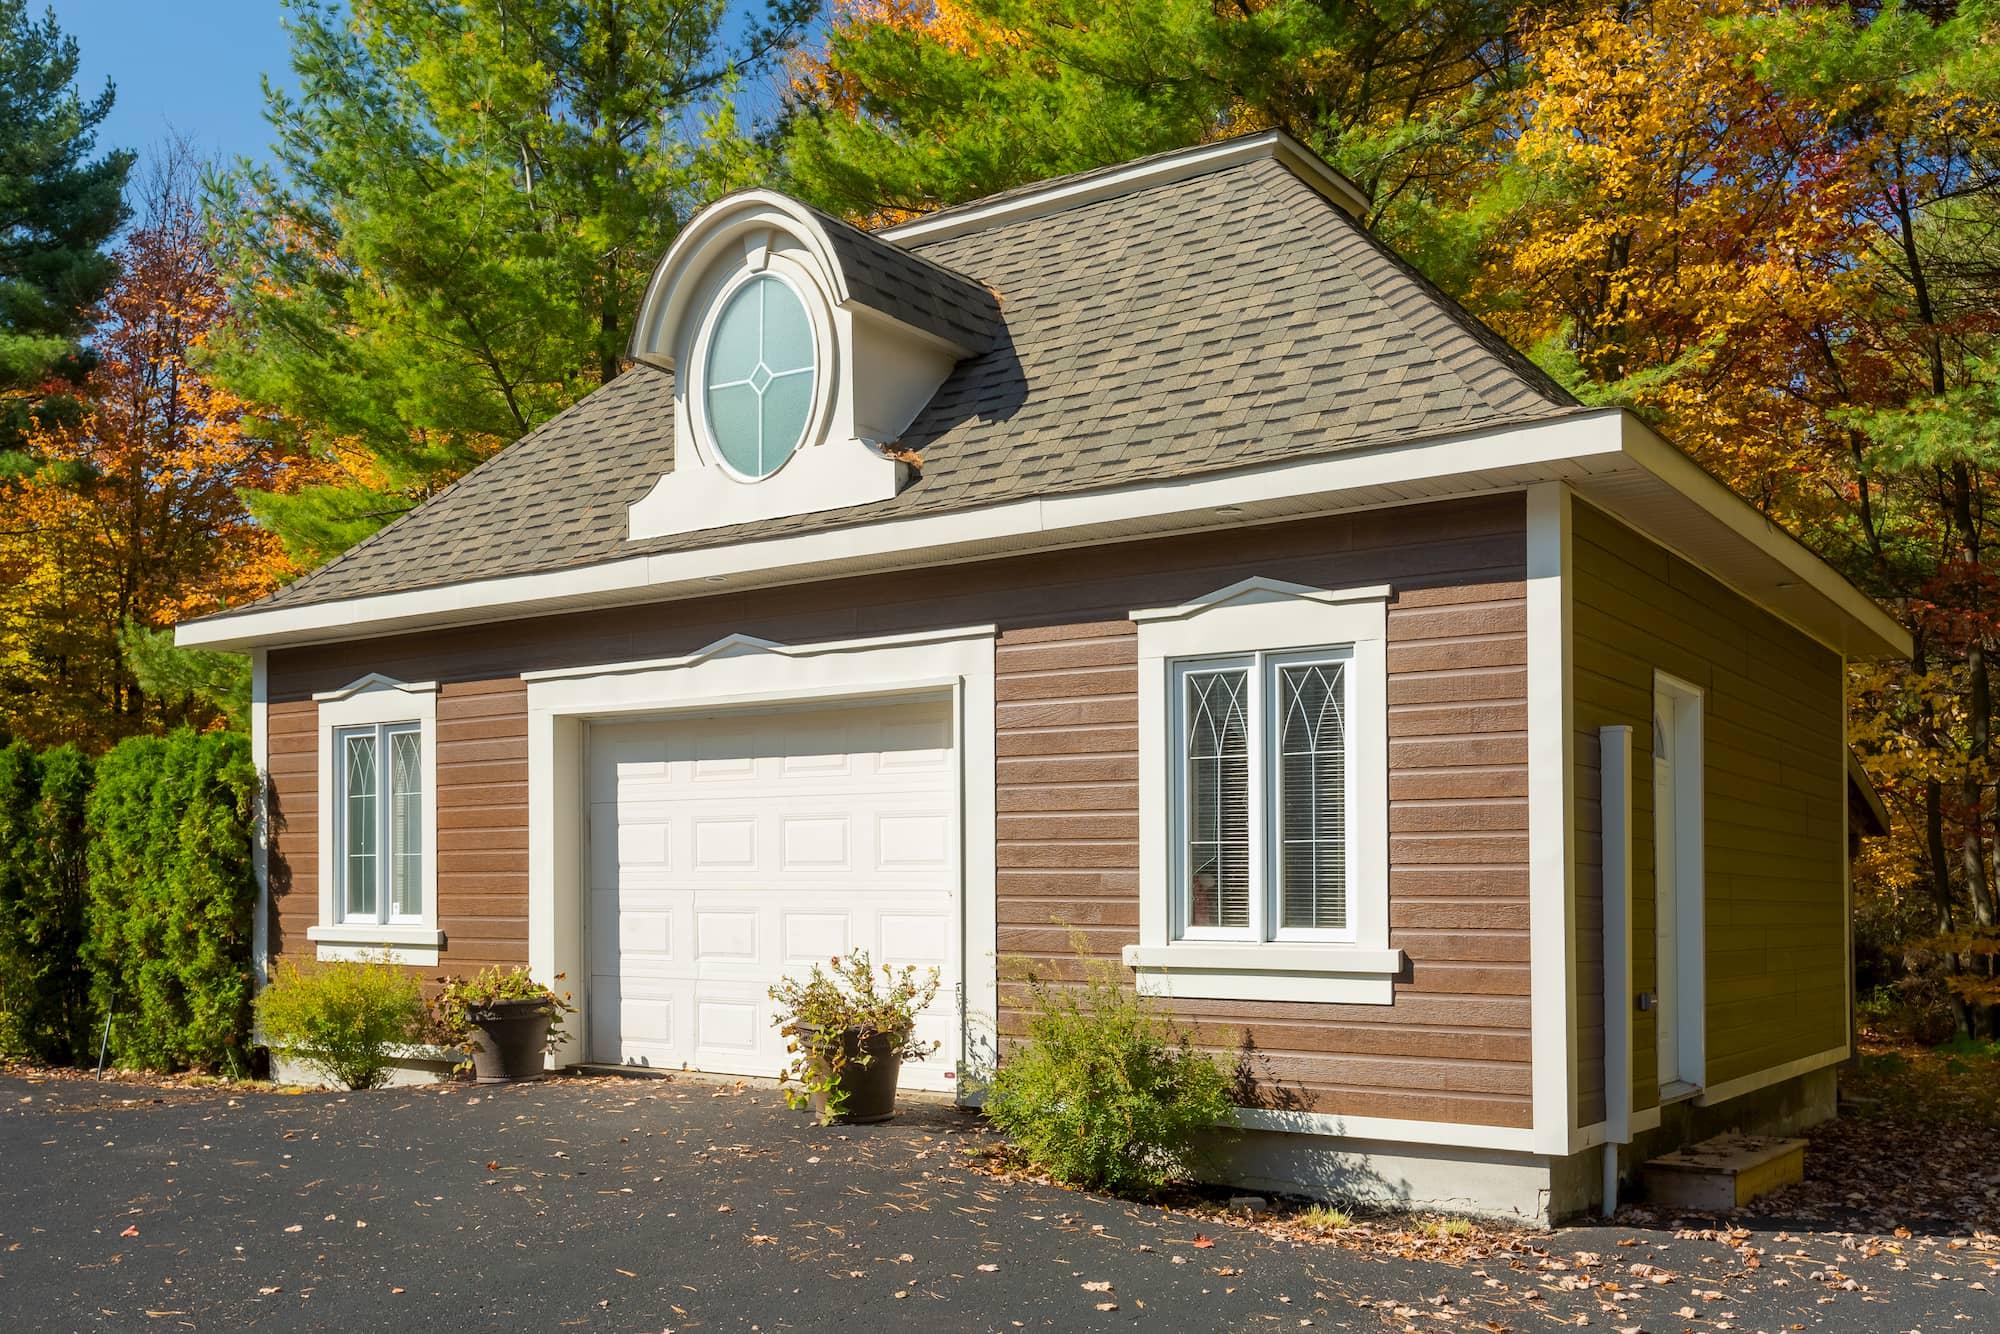 garage détaché en CanExel avec porte de garage blanche